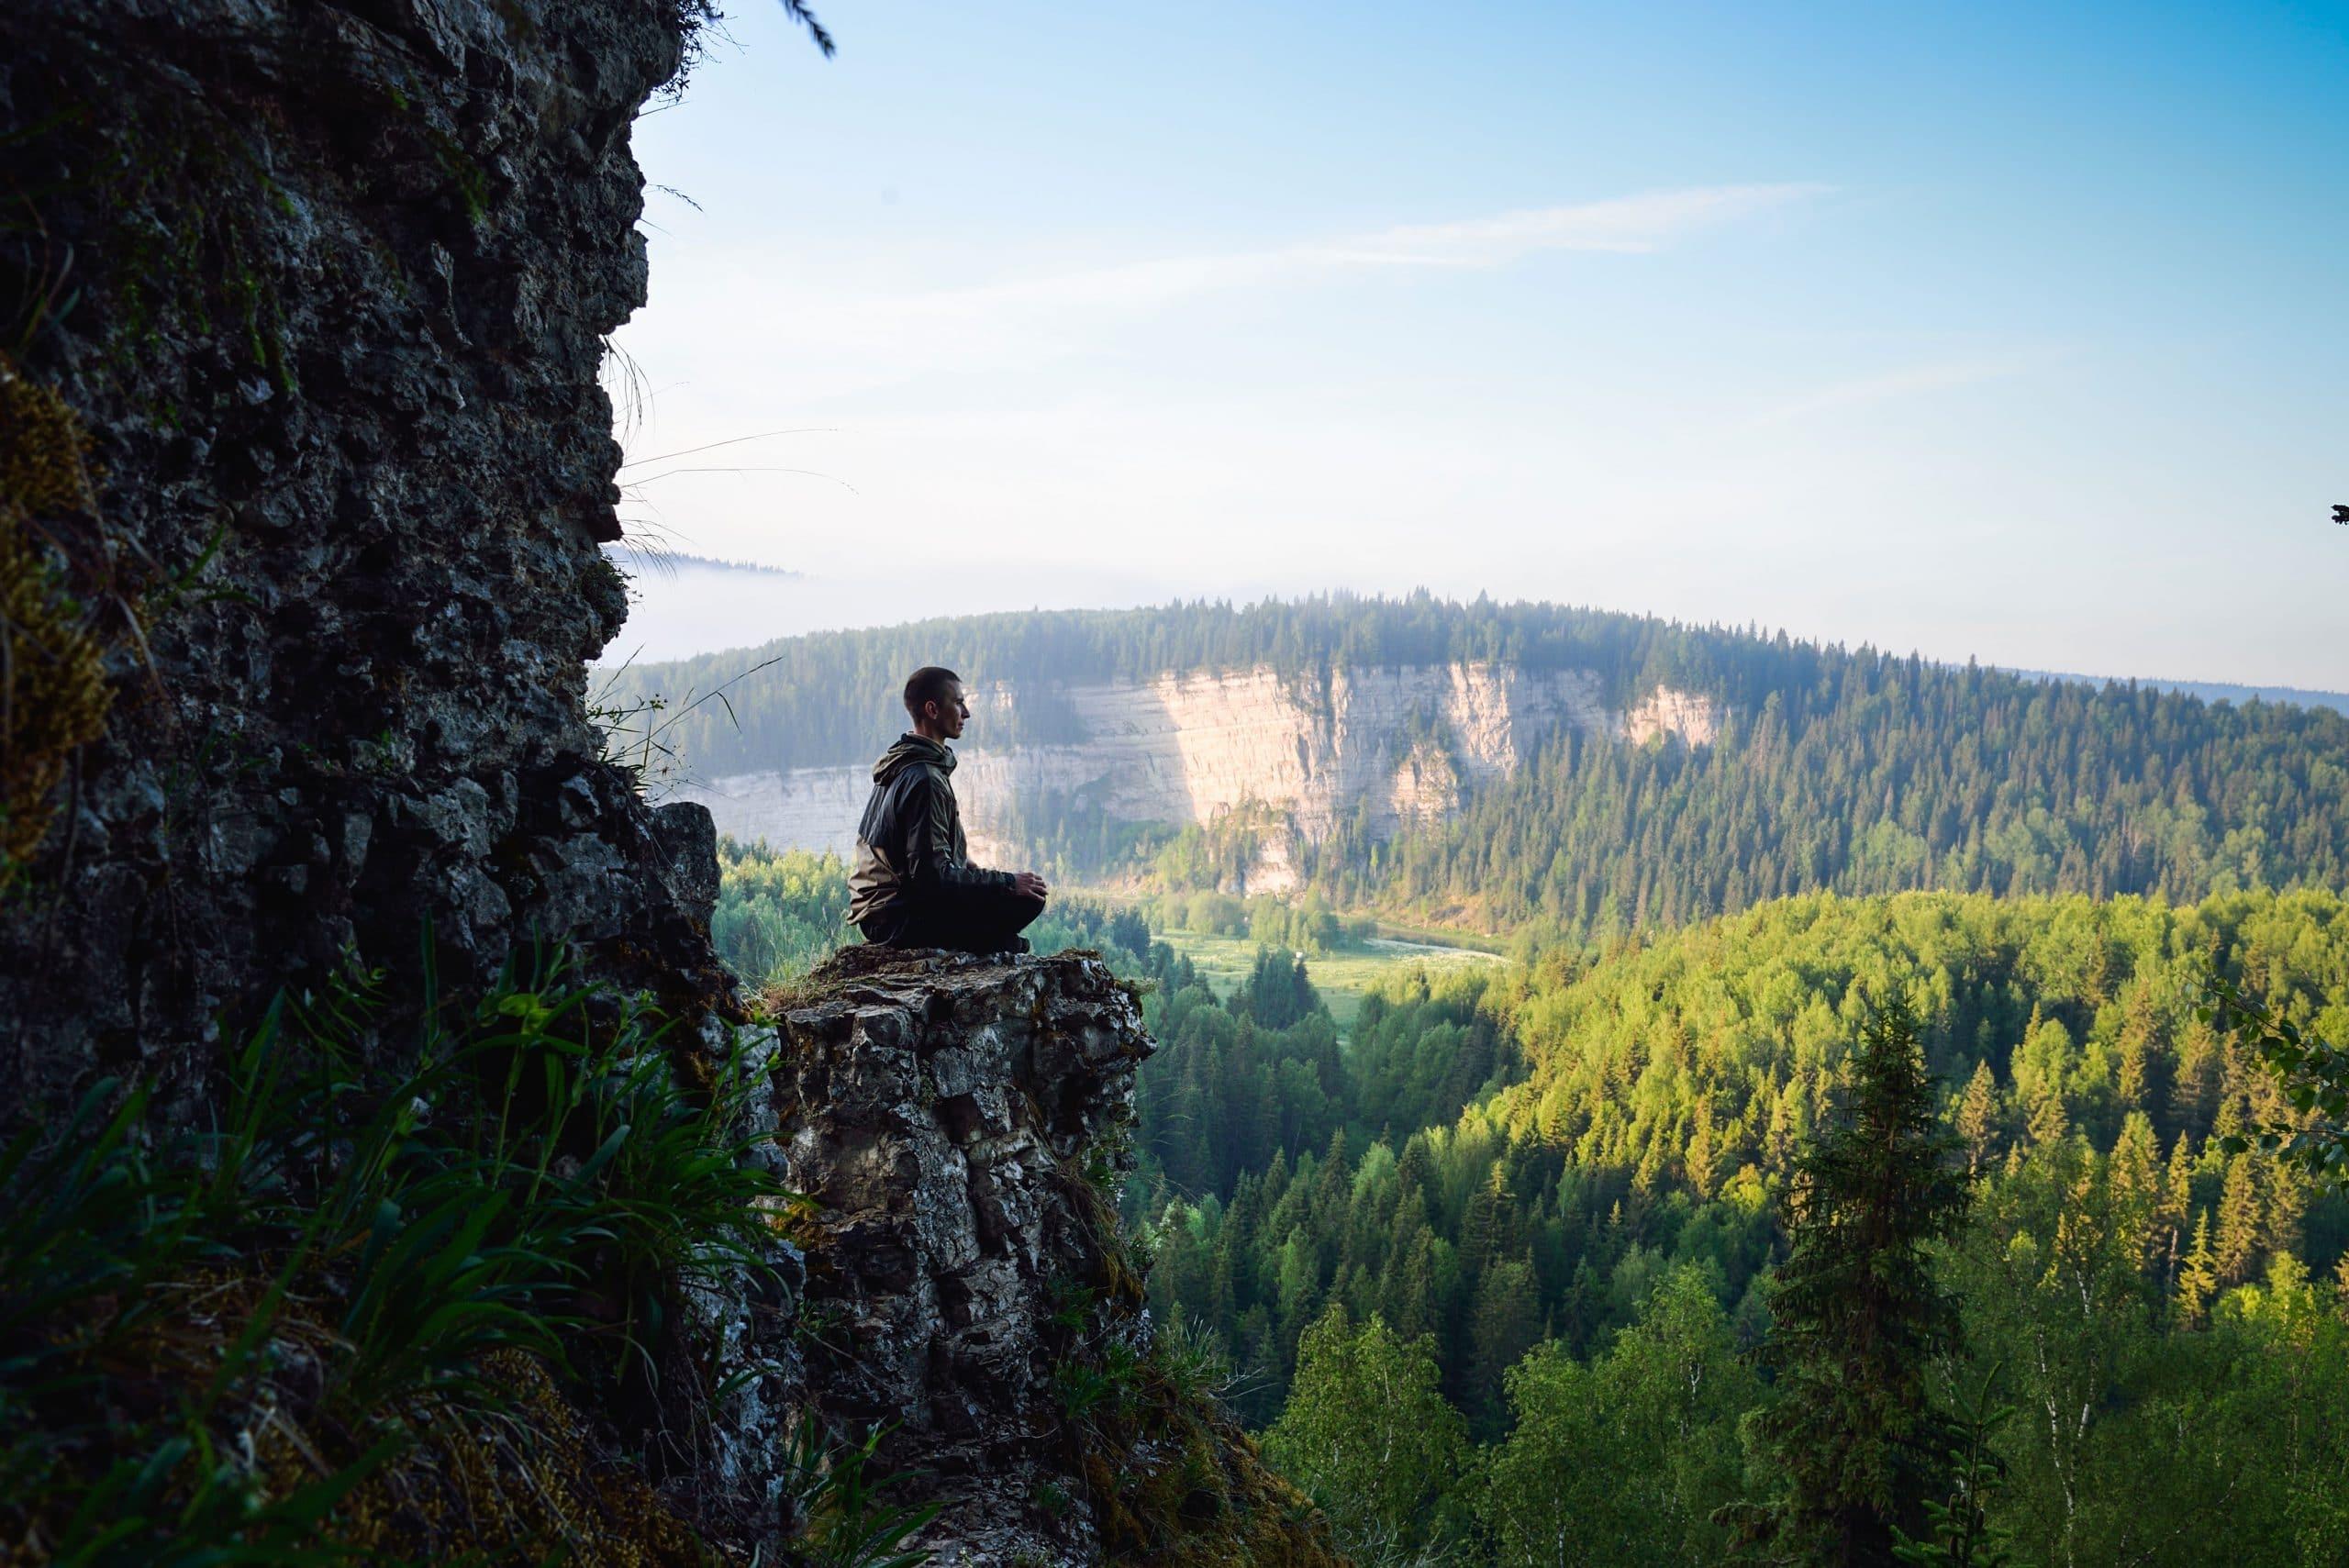 Homem sentado meditando.